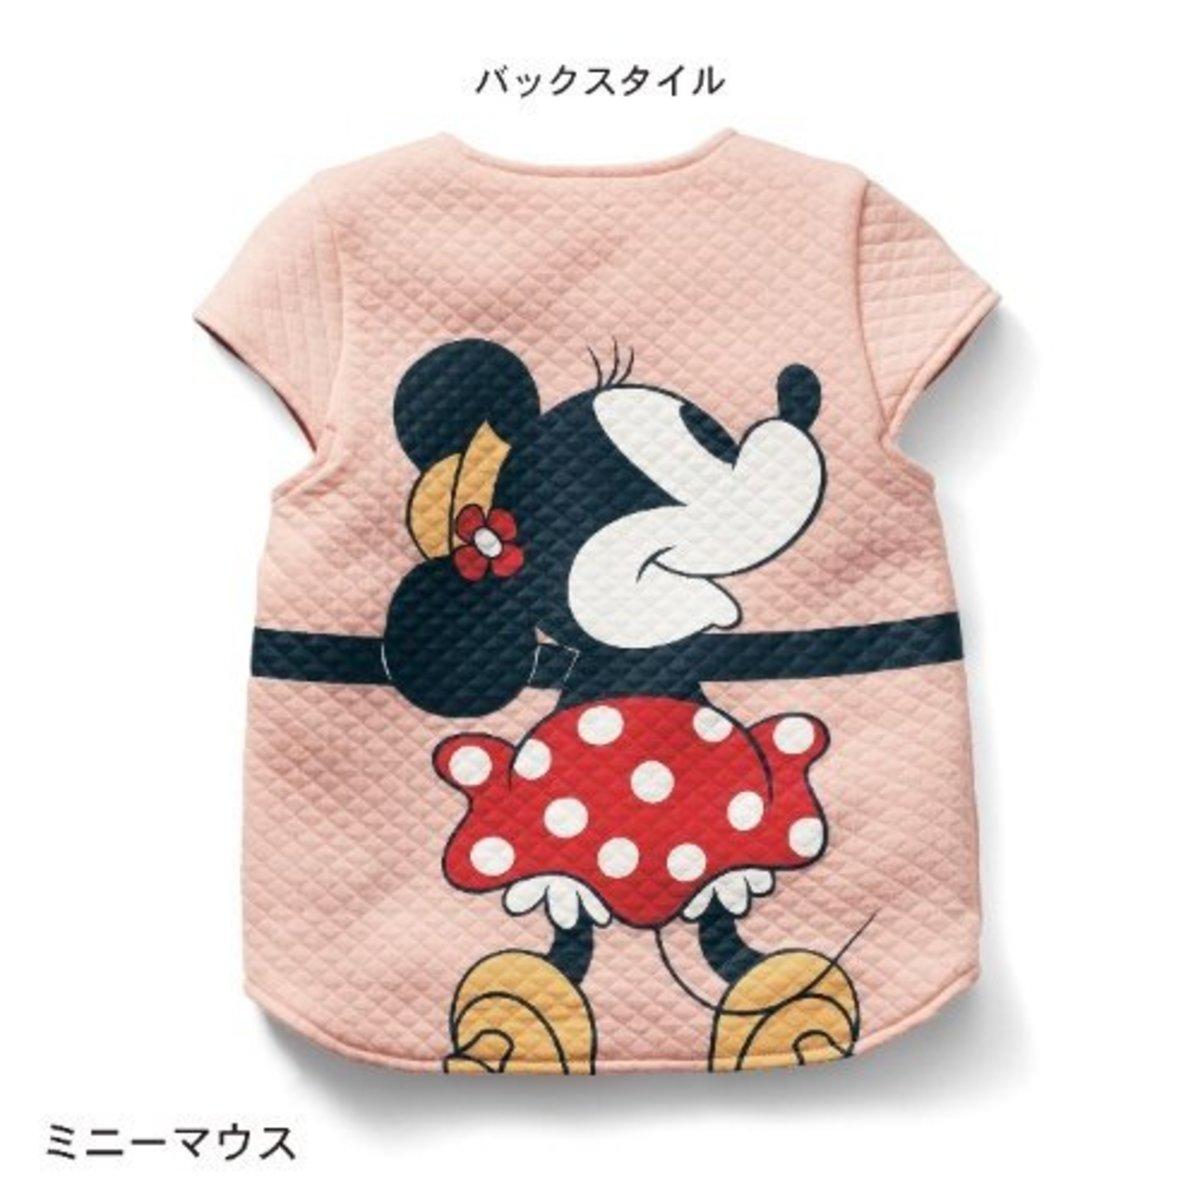 (米妮) 日本迪士尼人物造型小童背心外套